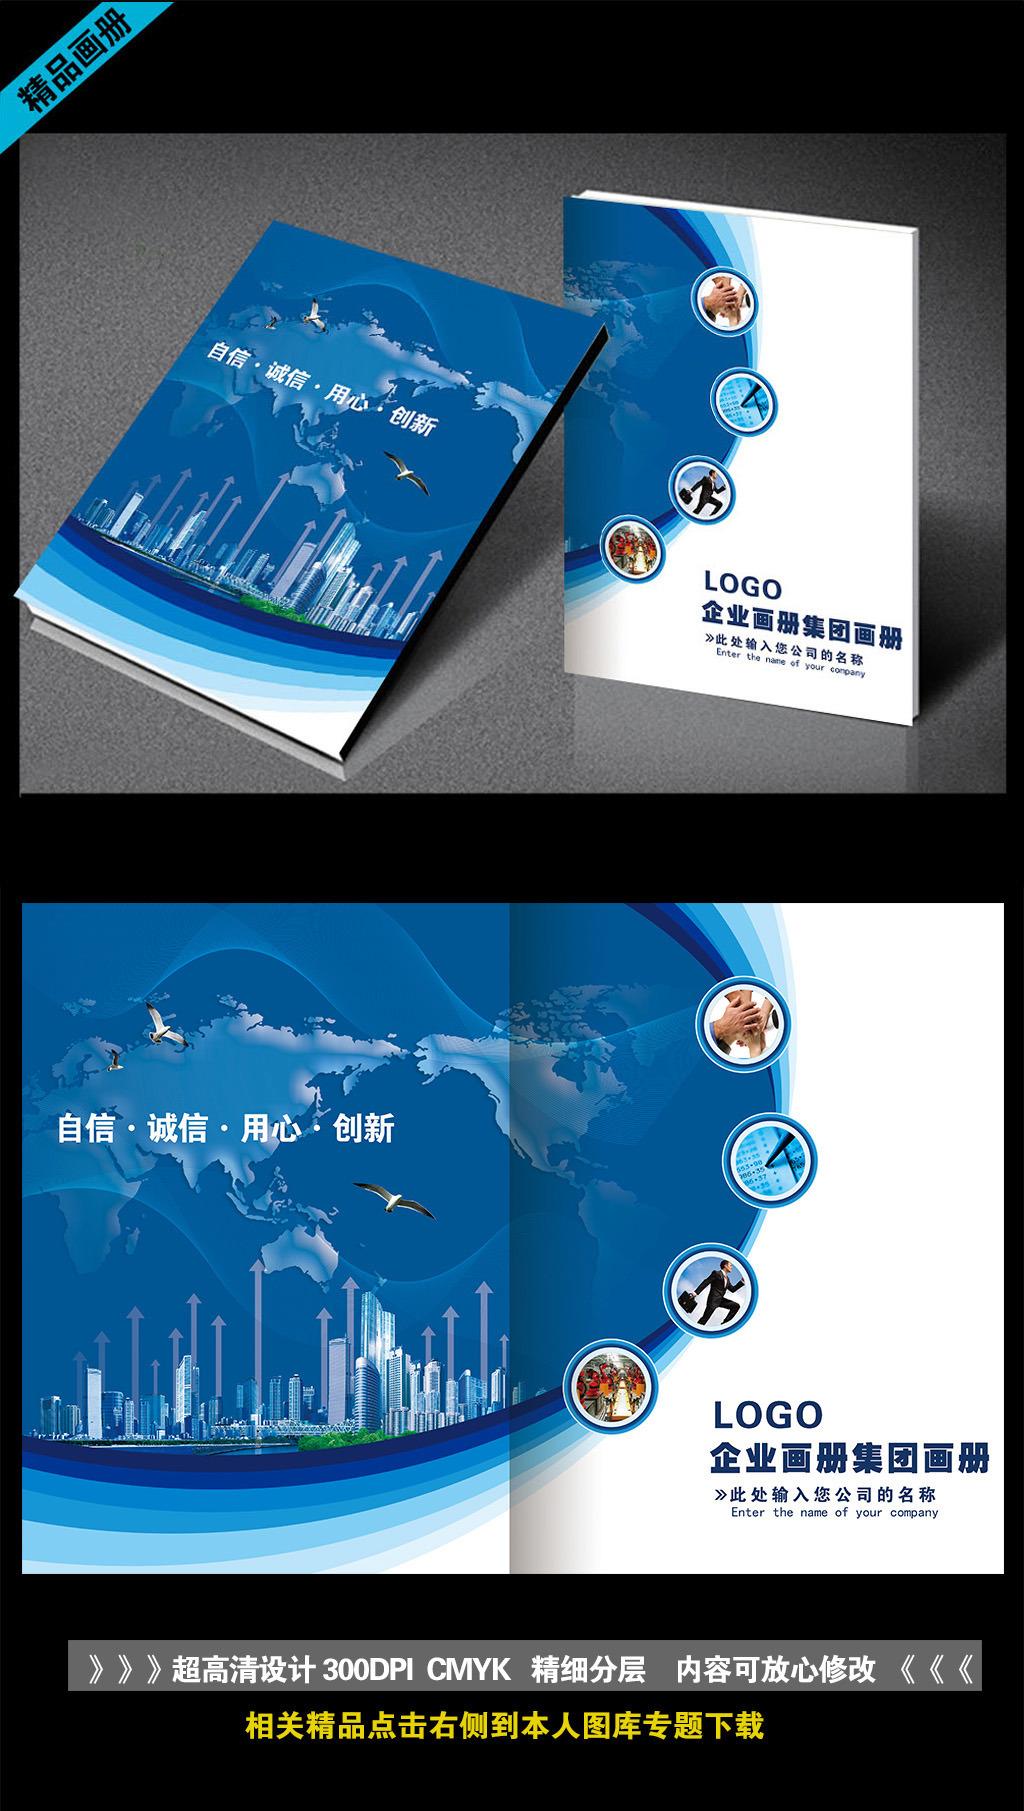 高档精美企业画册宣传册封面设计模板下载(图片编号:)